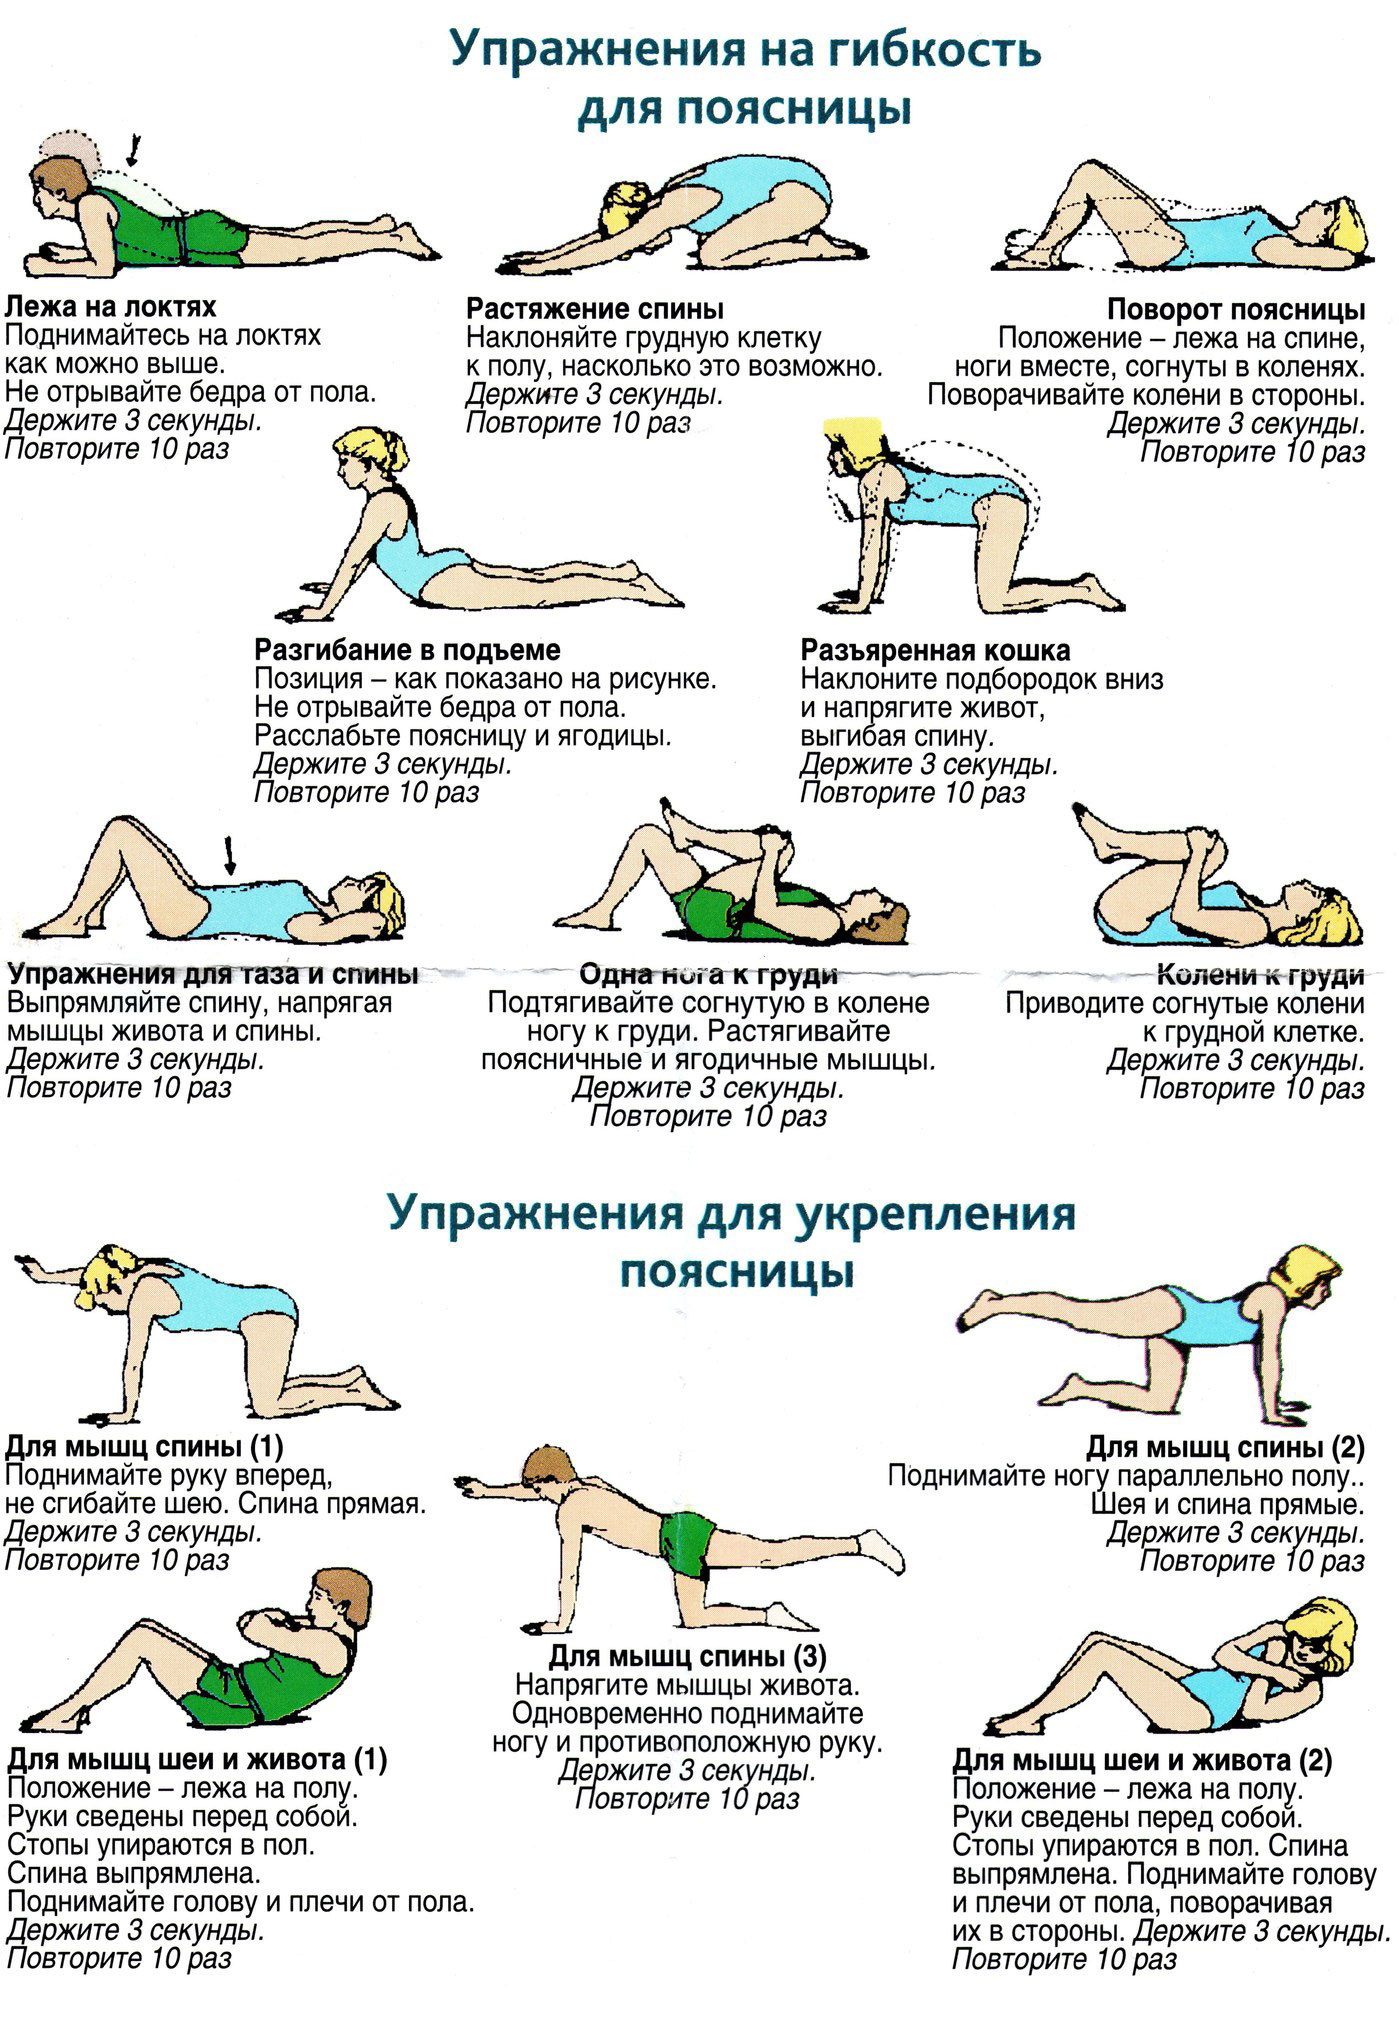 Упражнение для укрепления мышц спины бубновского в домашних условиях